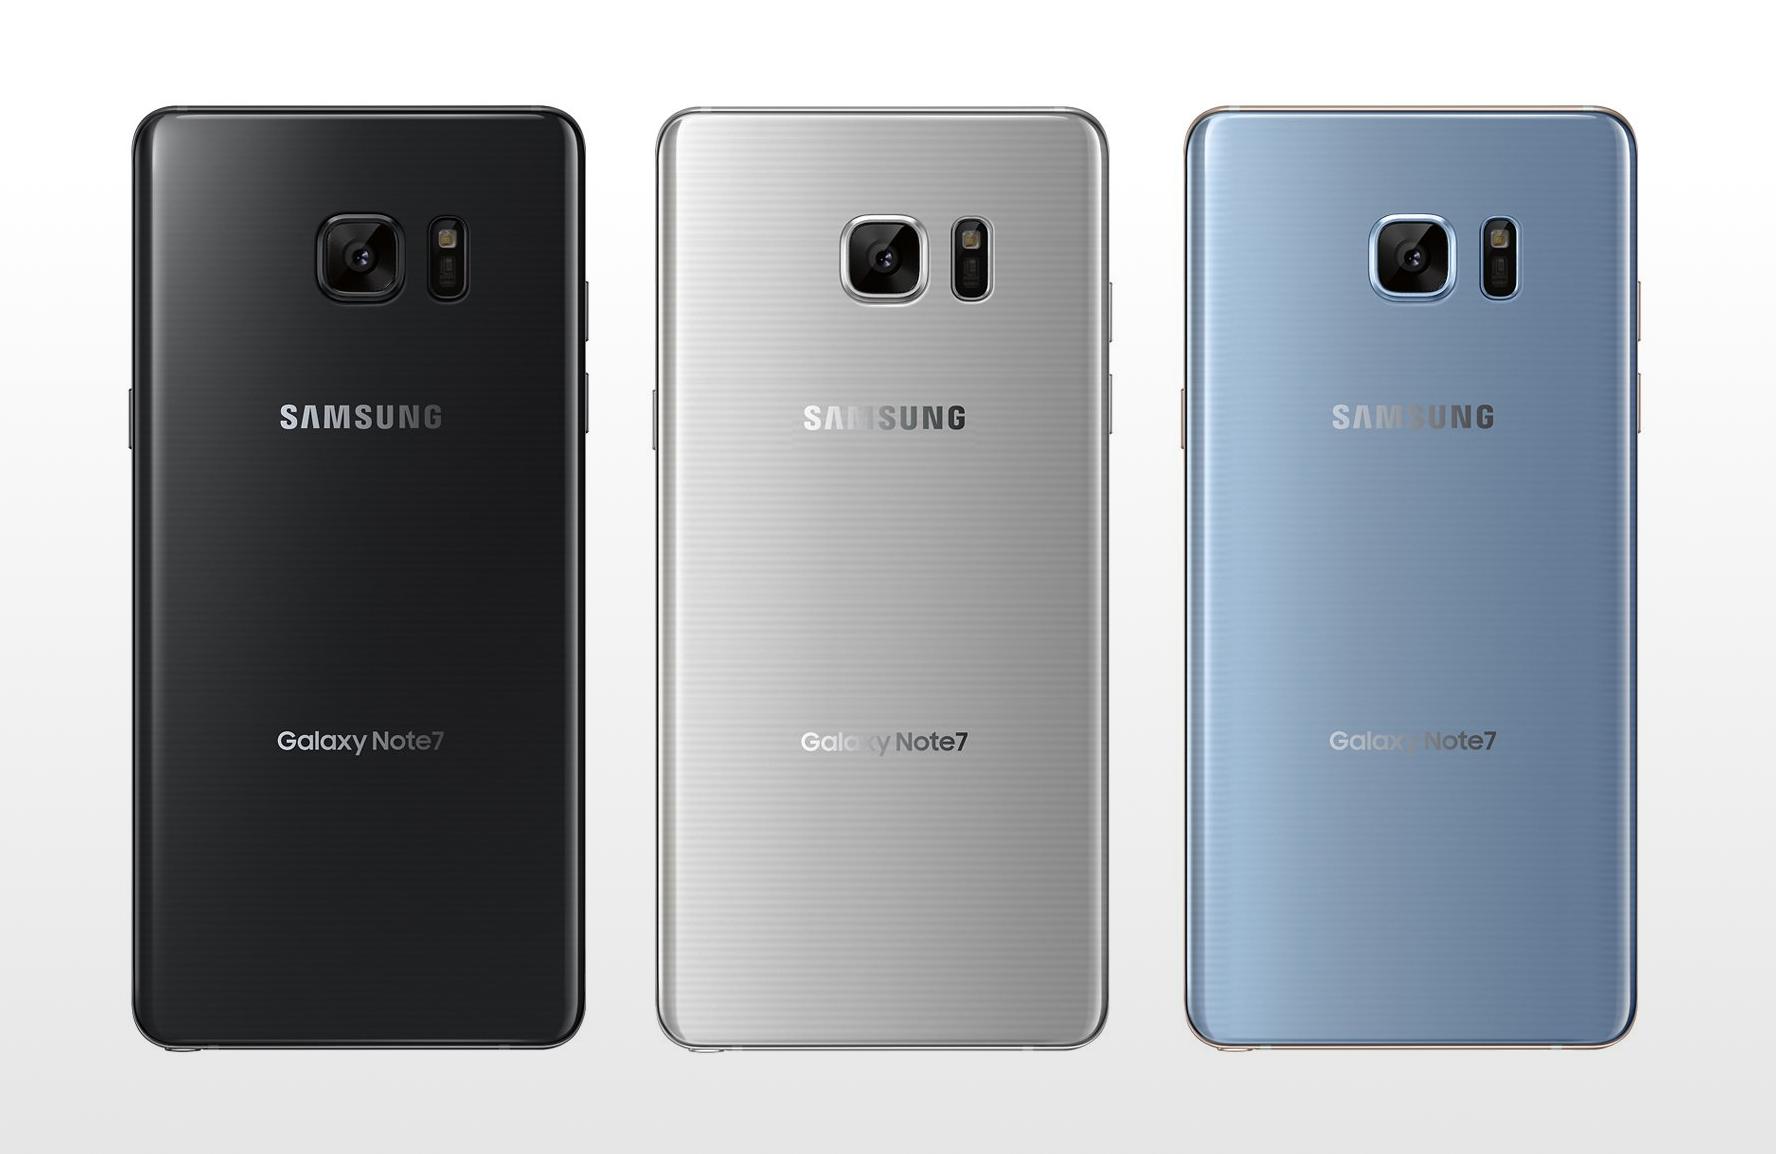 Retragerea lui Galaxy Note 7 ar putea afecta alte proiecte de cercetare si dezvoltare ale Samsung